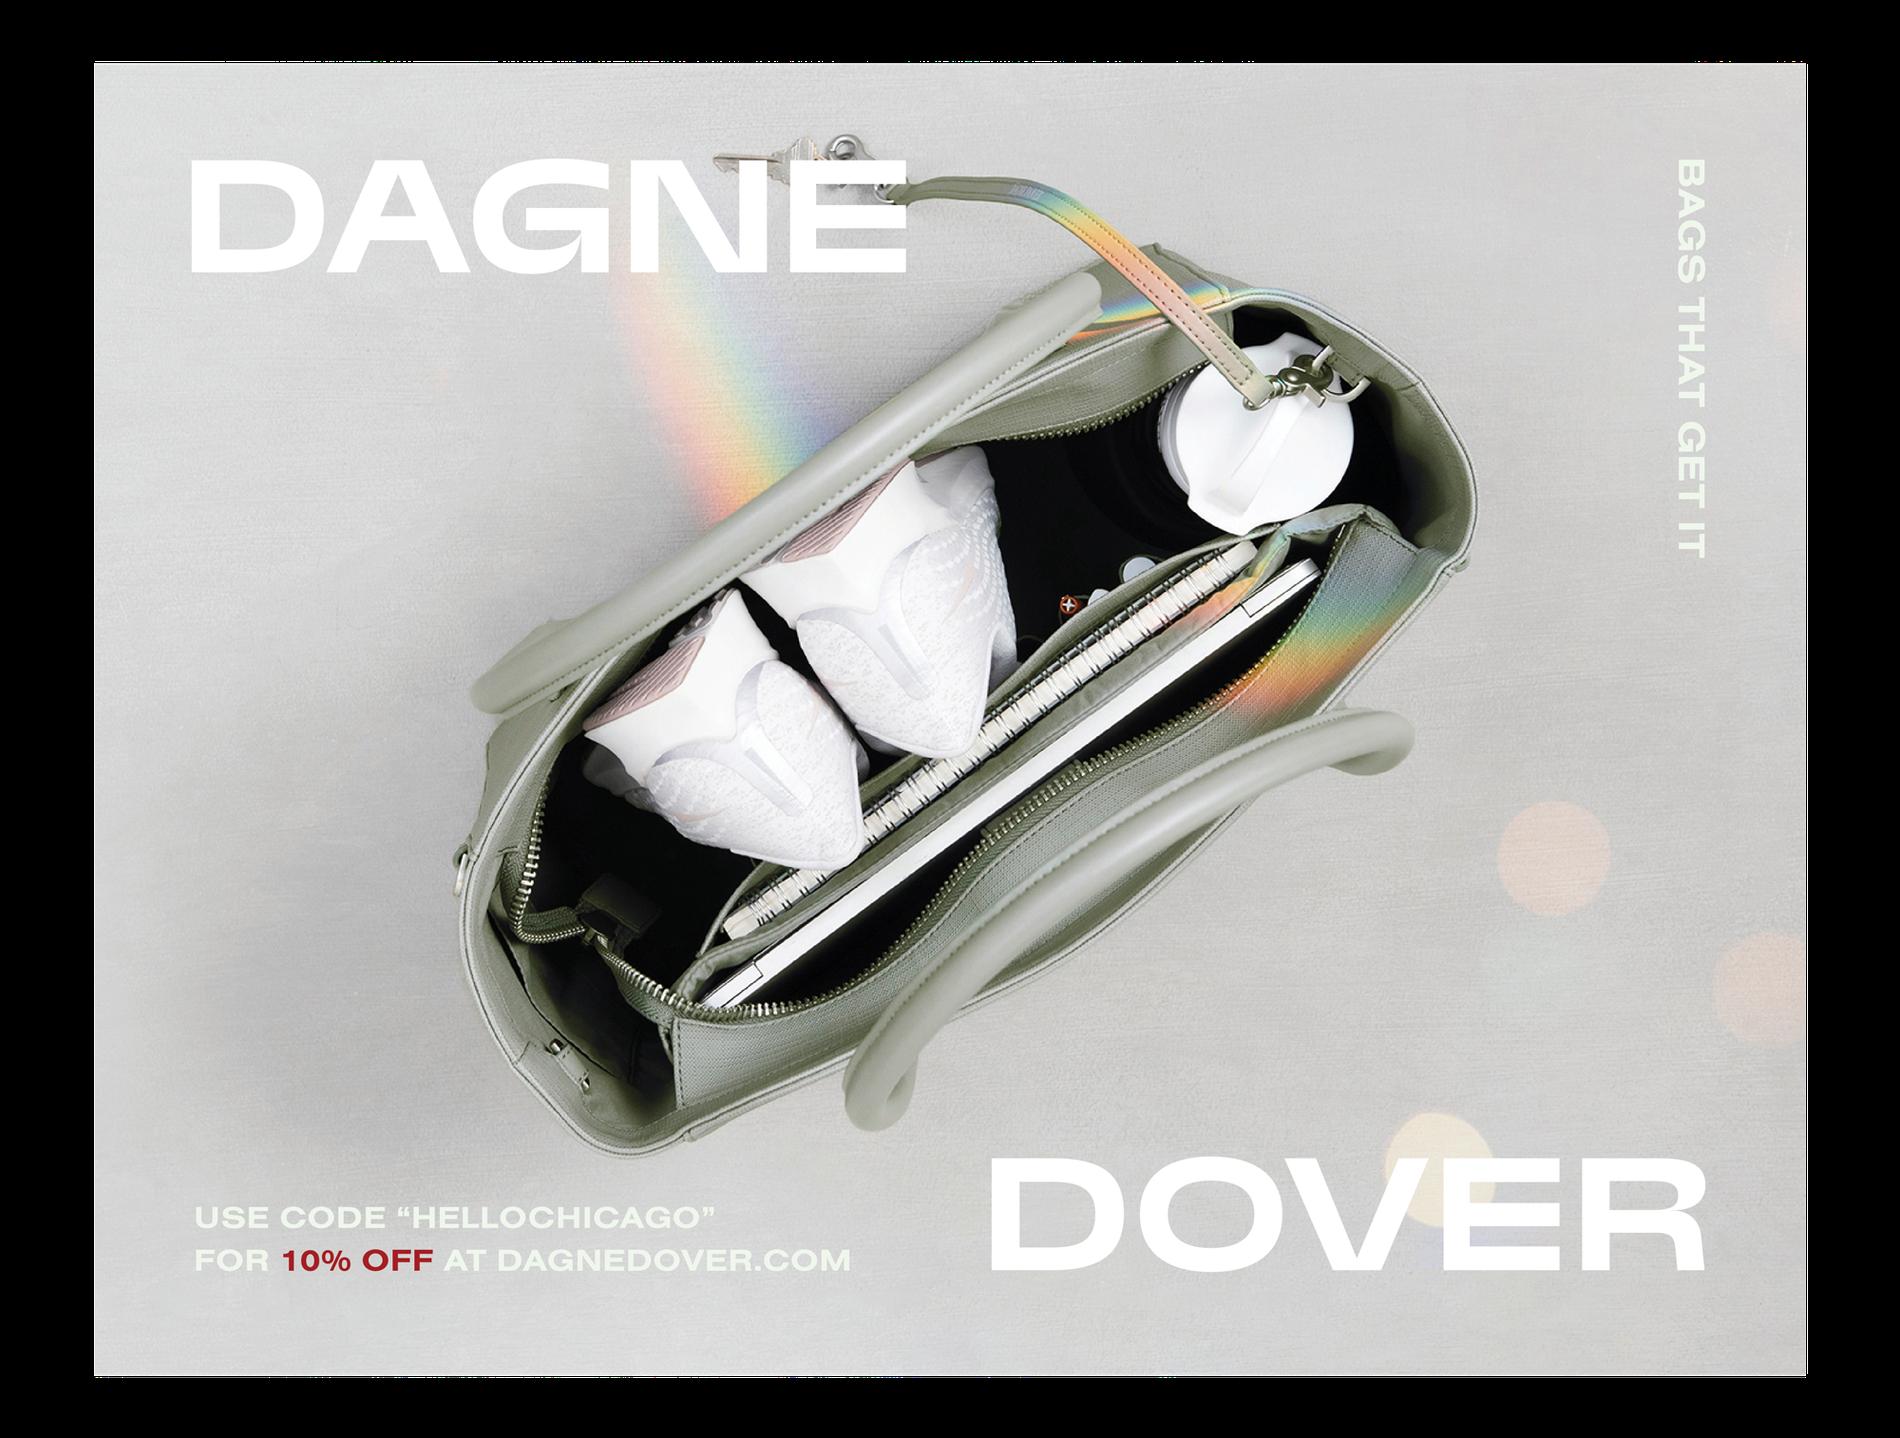 DagneDover-TroisMille-08.png